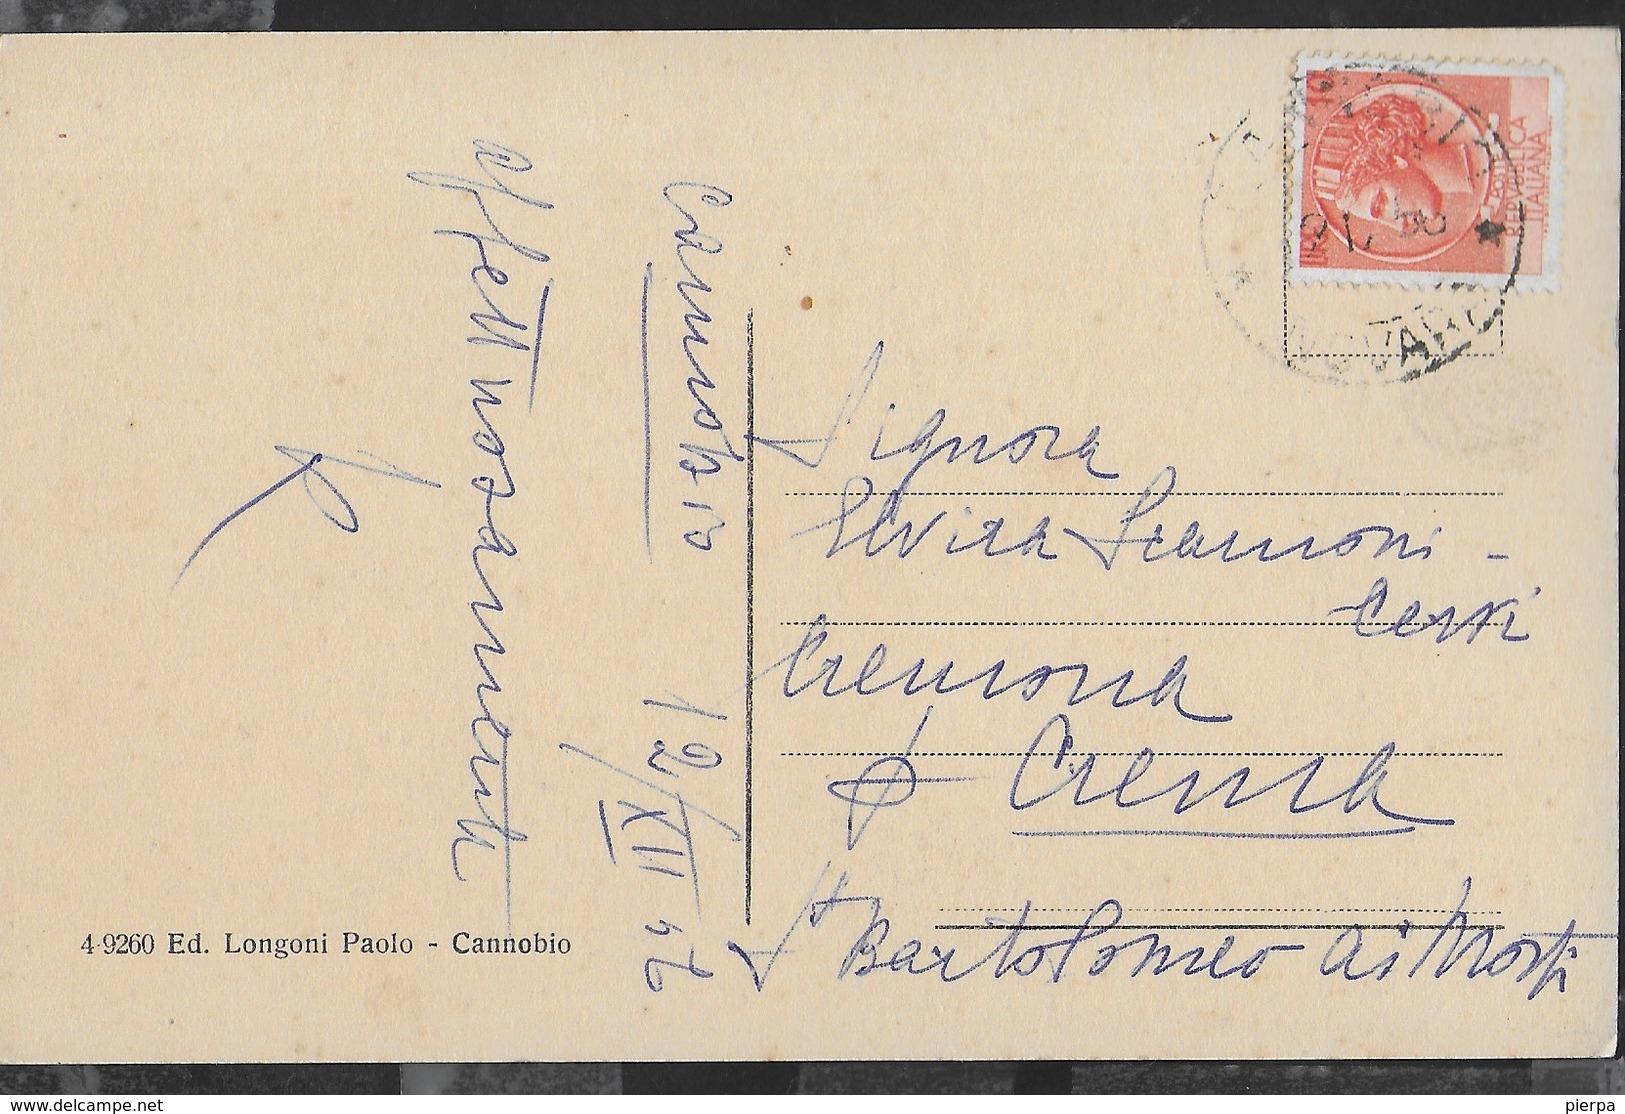 PIEMONTE - CANNOBIO - CHIESA DI S.GOTTARDO - FORMATO PICCOLO - VIAGGIATA 1957 - Autres Villes